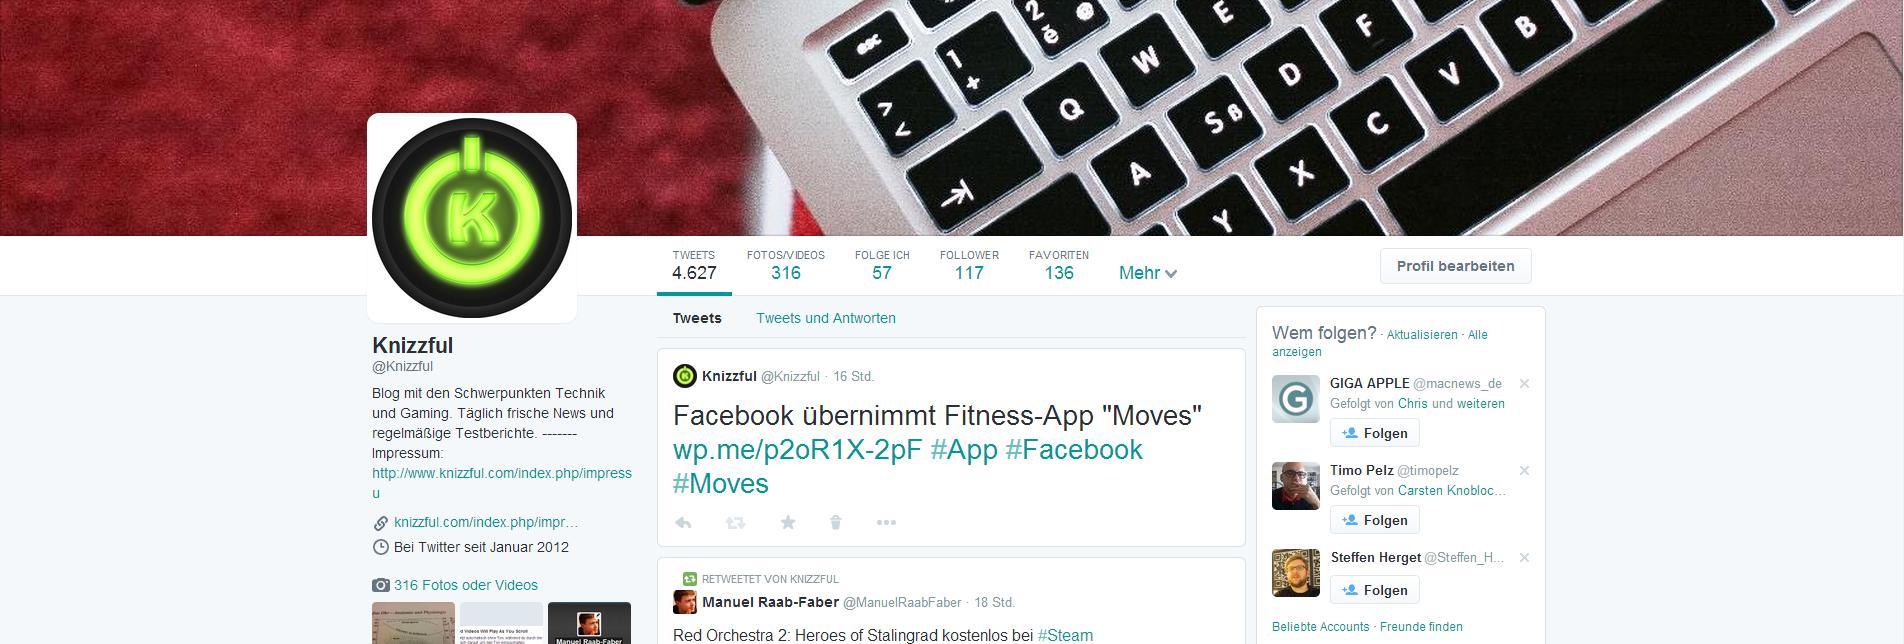 Neues Twitter Profil – Zeit für ein Impressum